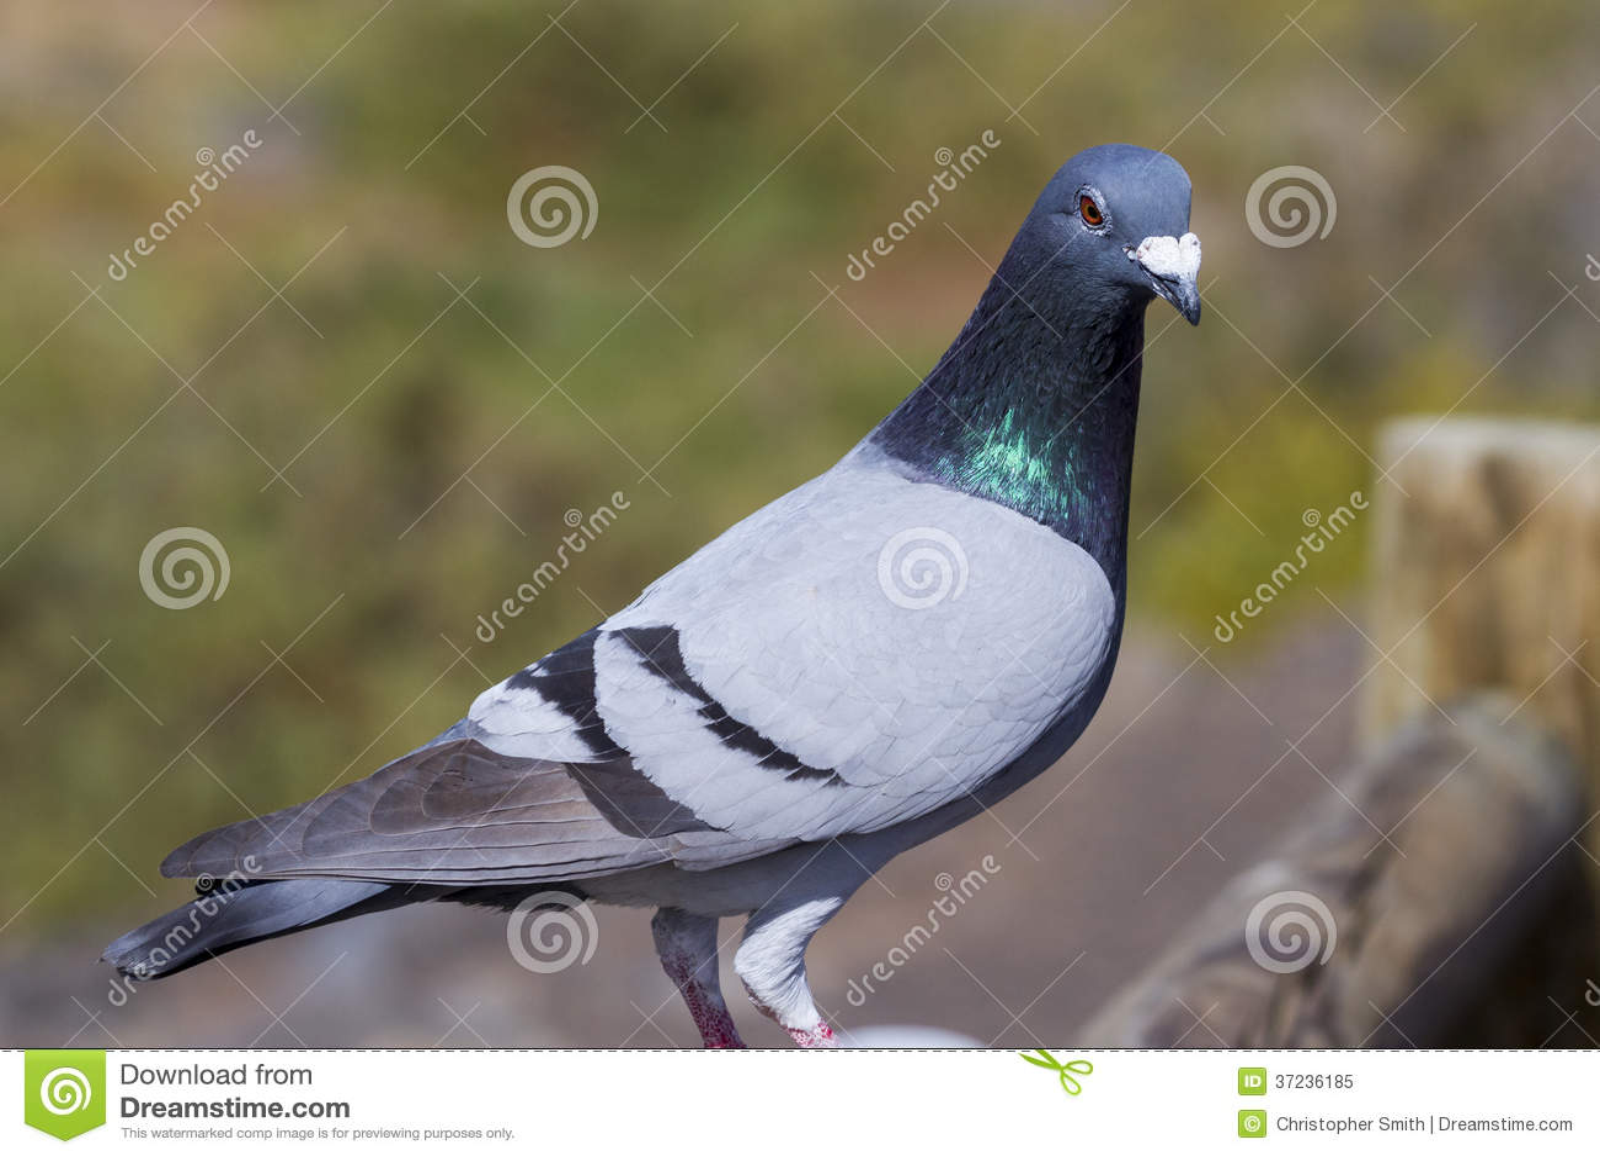 鸽子鸽鸟类鸟动物1300_957蜘蛛侠解说游戏图片